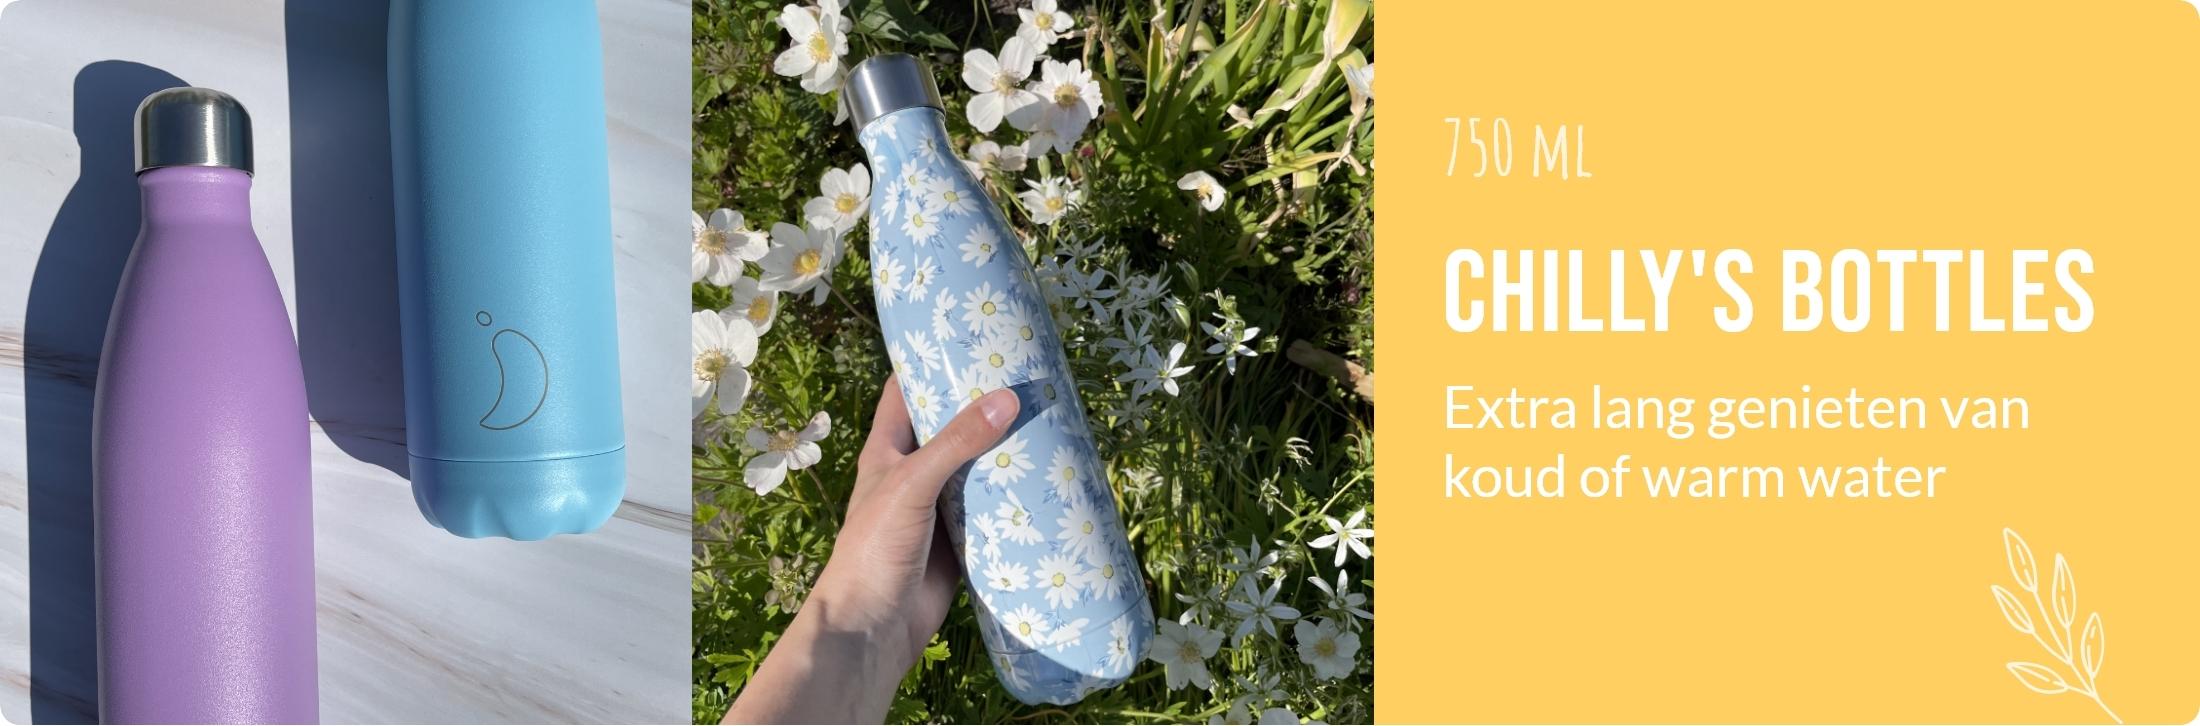 De Thee Winkel - Chilly's Bottles - 750 ml